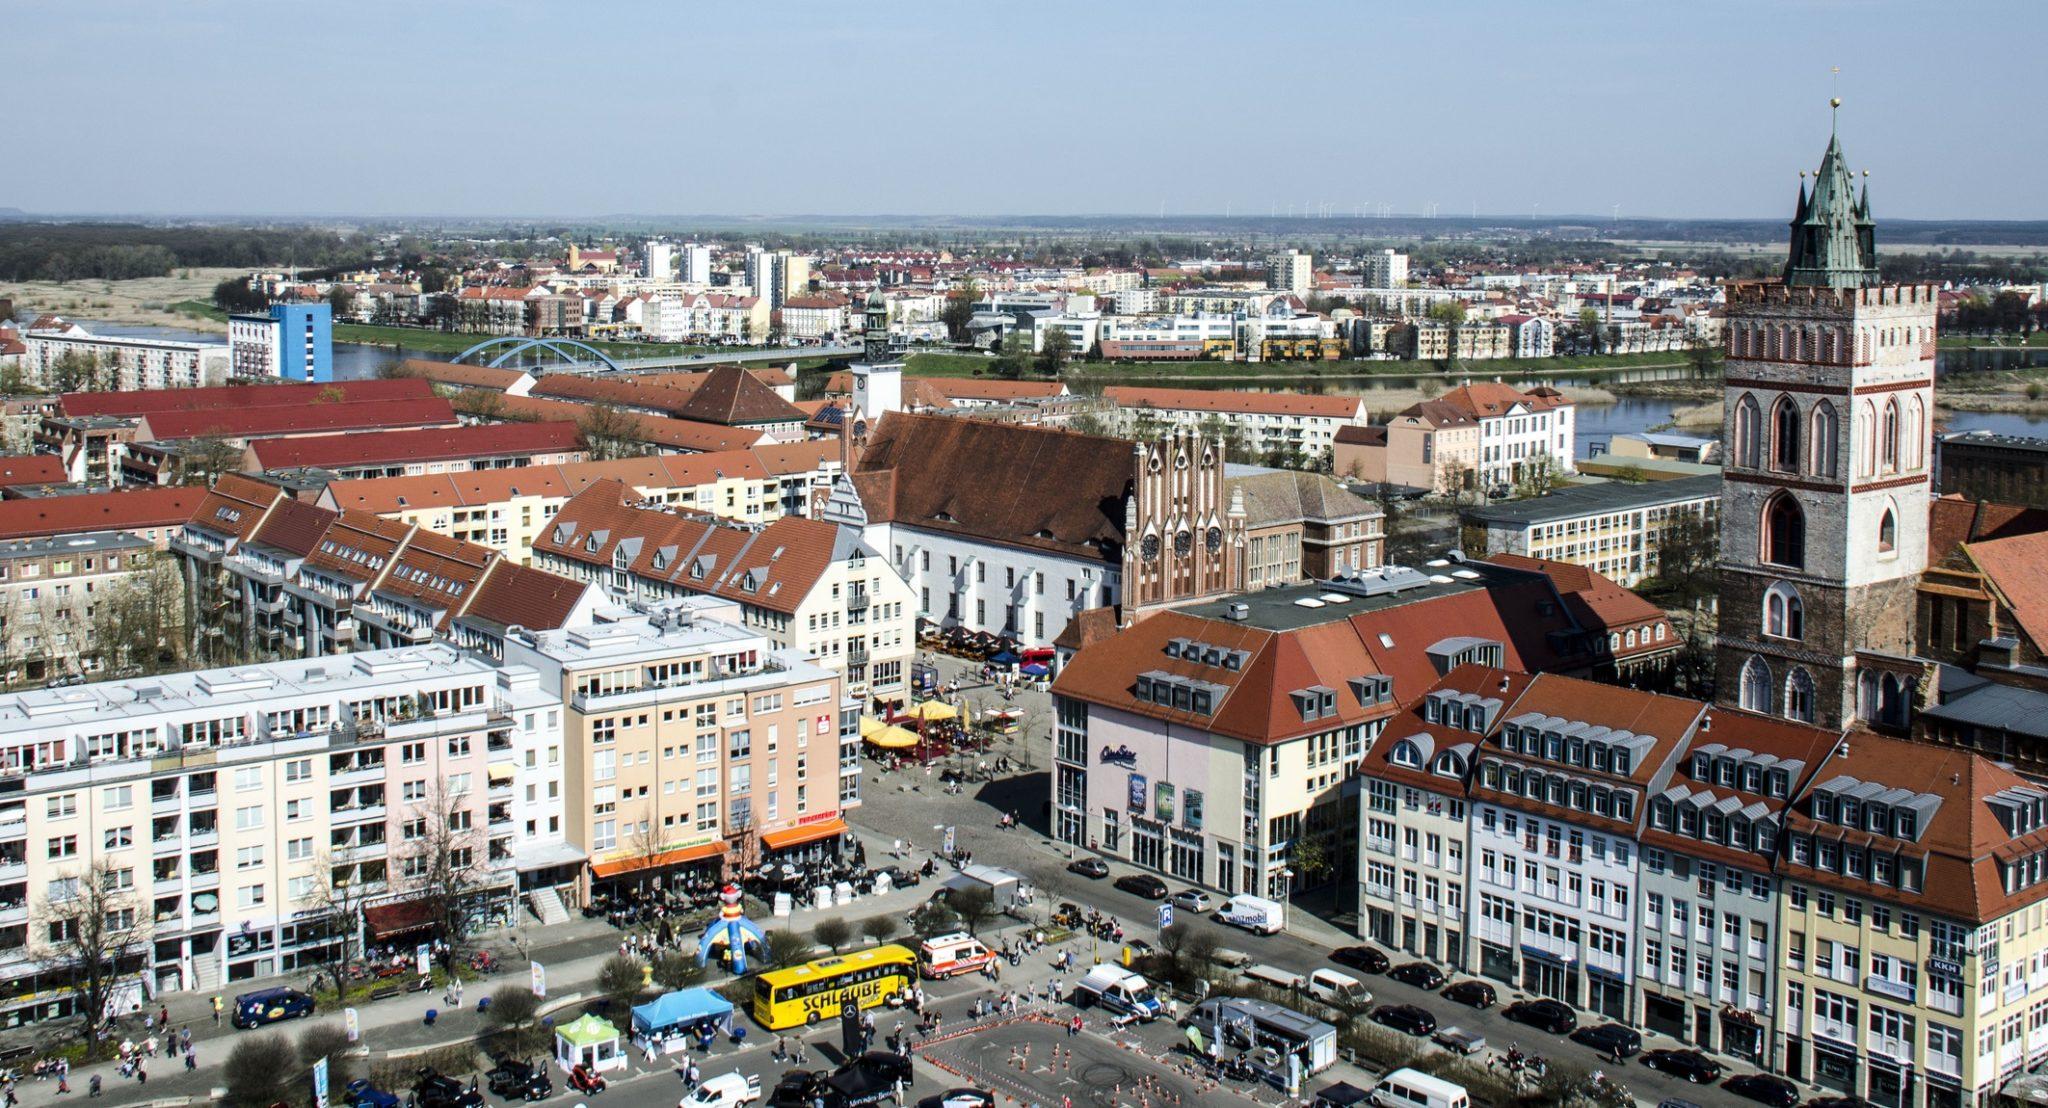 Haushaltsauflösung und Entrümpelung in Frankfurt (Oder)